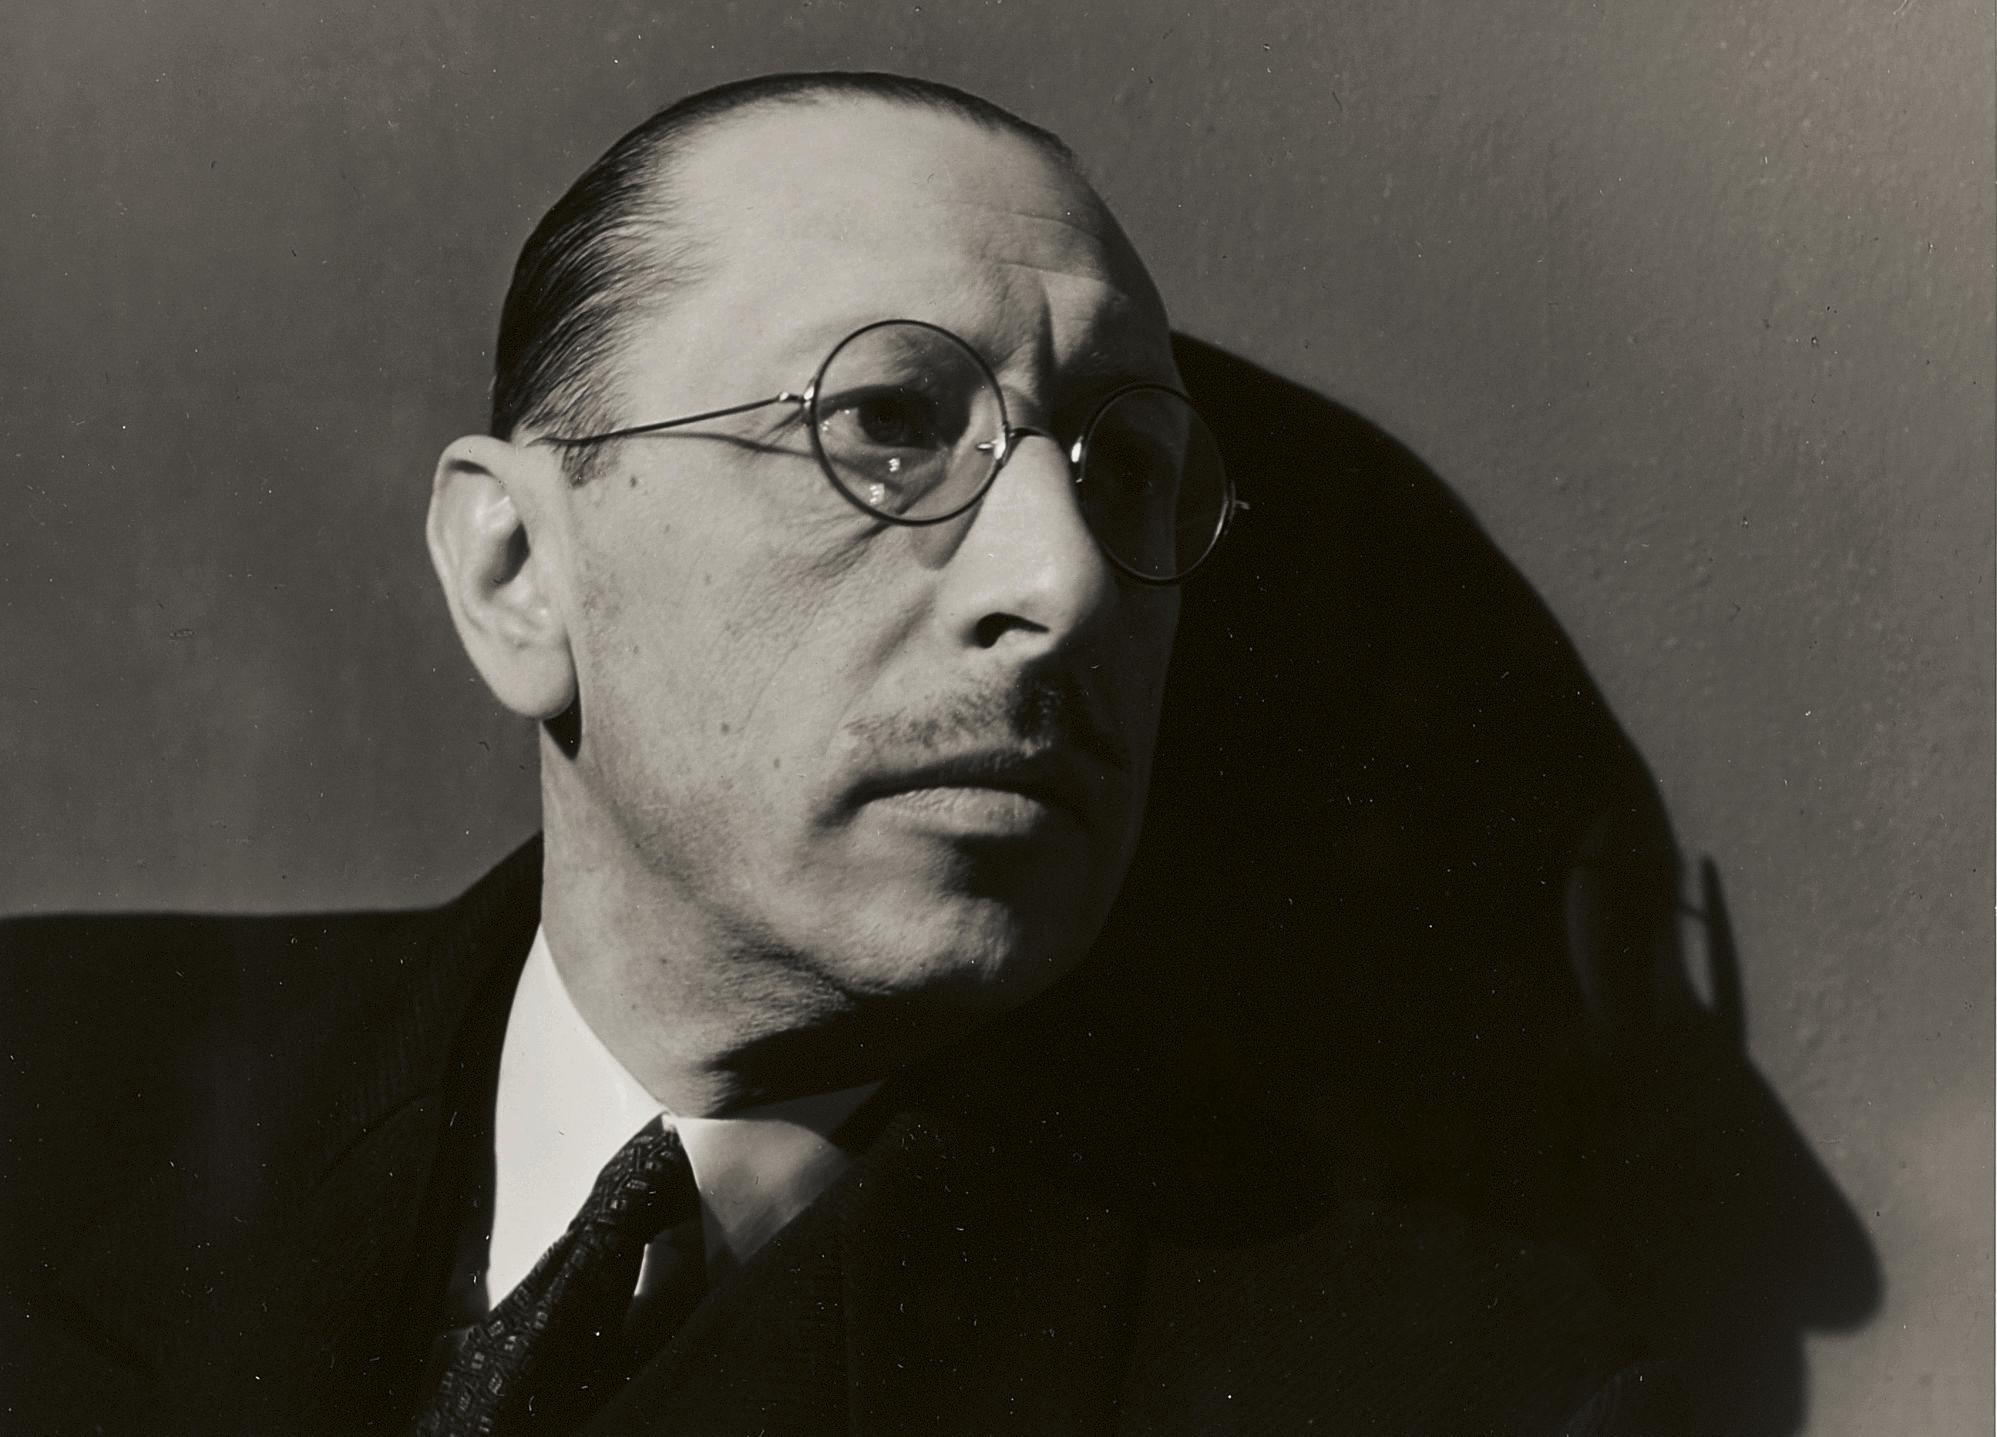 GEORGE HOYNINGEN-HEUNE (1900-1